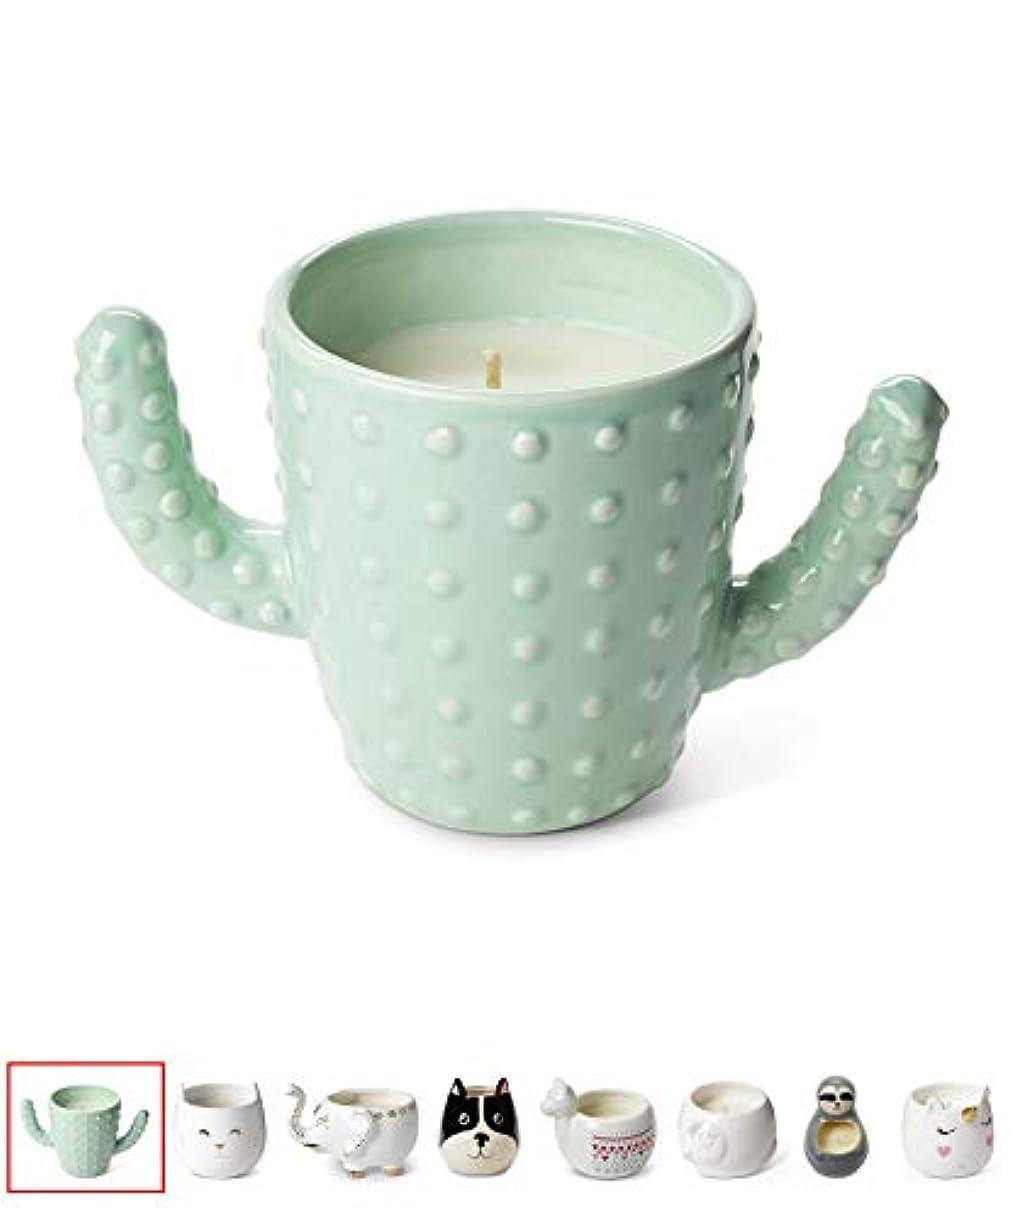 類似性我慢する外観Tri-coastal Design Small Cute Scented Wax Candles Ceramic Cactus Shaped Candle for Aromatherapy, Stress Relief...